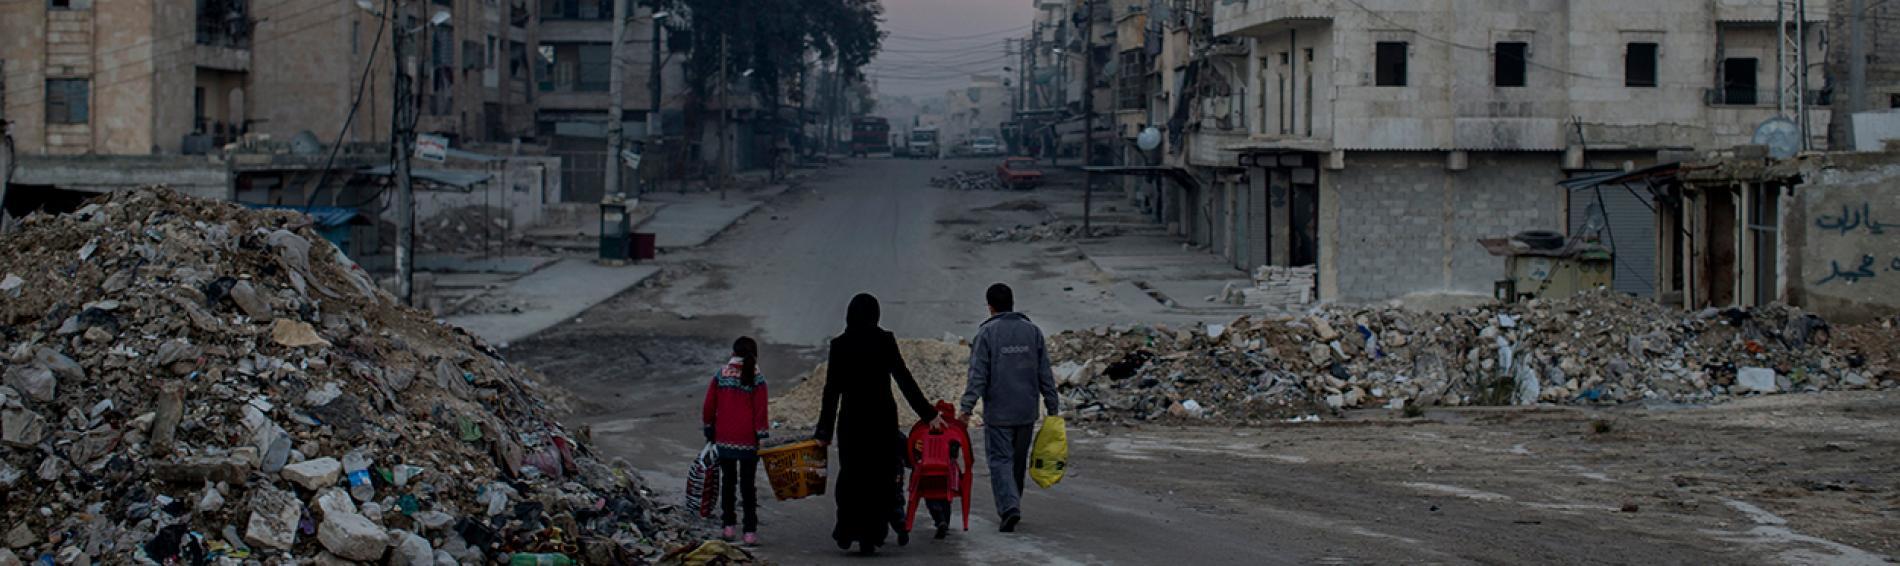 Die zerstörte Stadt Aleppo. Foto: Niclas Hammarström